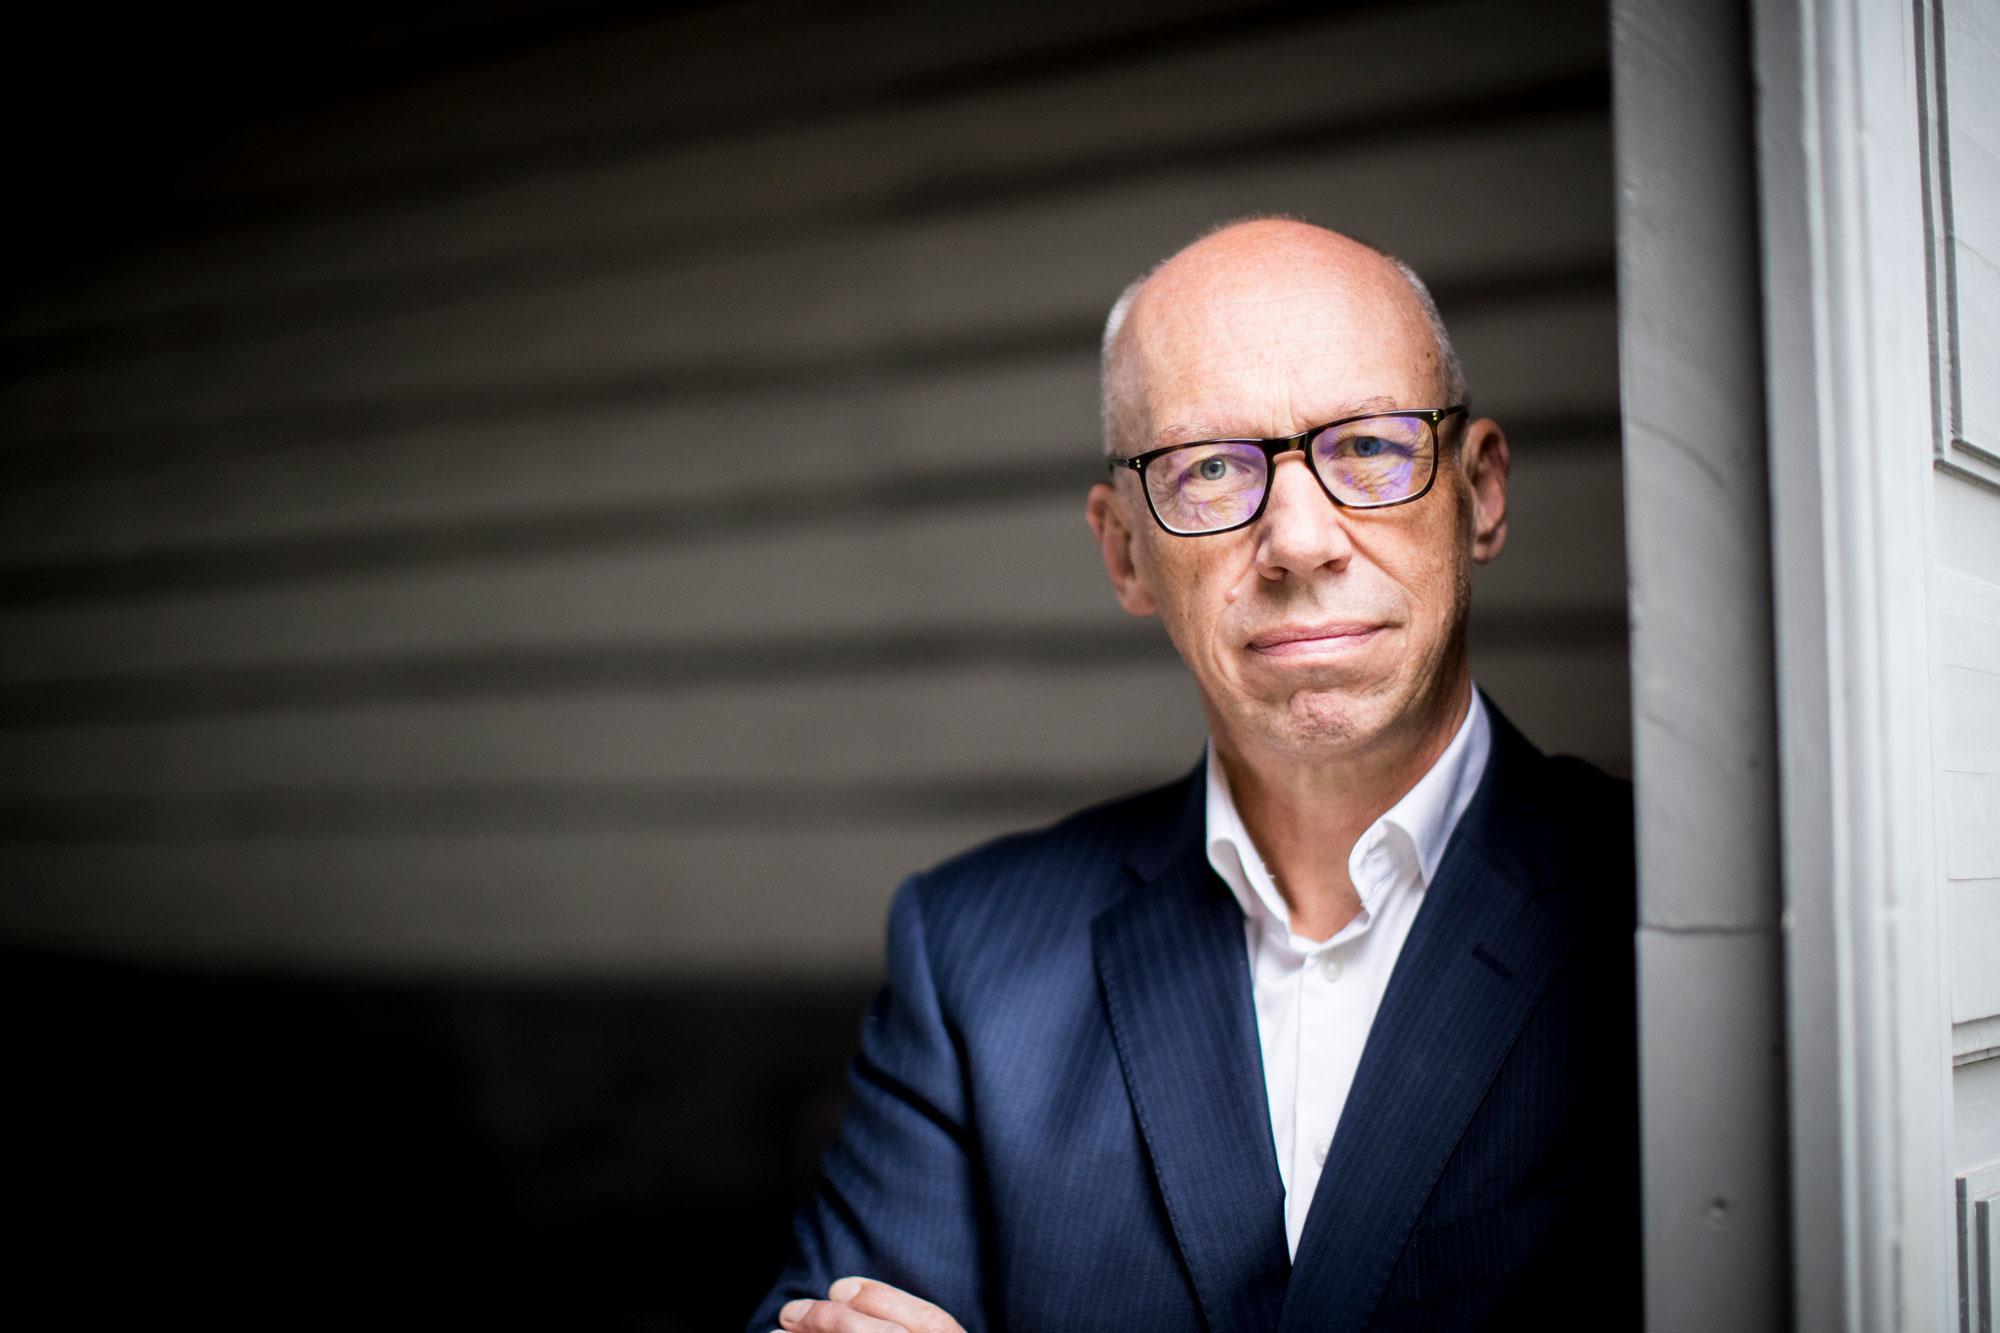 REKRUTTERINGSEKSPERT: Ole I. Iversen er en av Norges fremste eksperter innen rekruttering og seleksjon, og har forsket, utgitt lærebøker og undervist i rekruttering og intervjuteknikk i nærmere 20 år. (FOTO: BI Norwegian Business School)